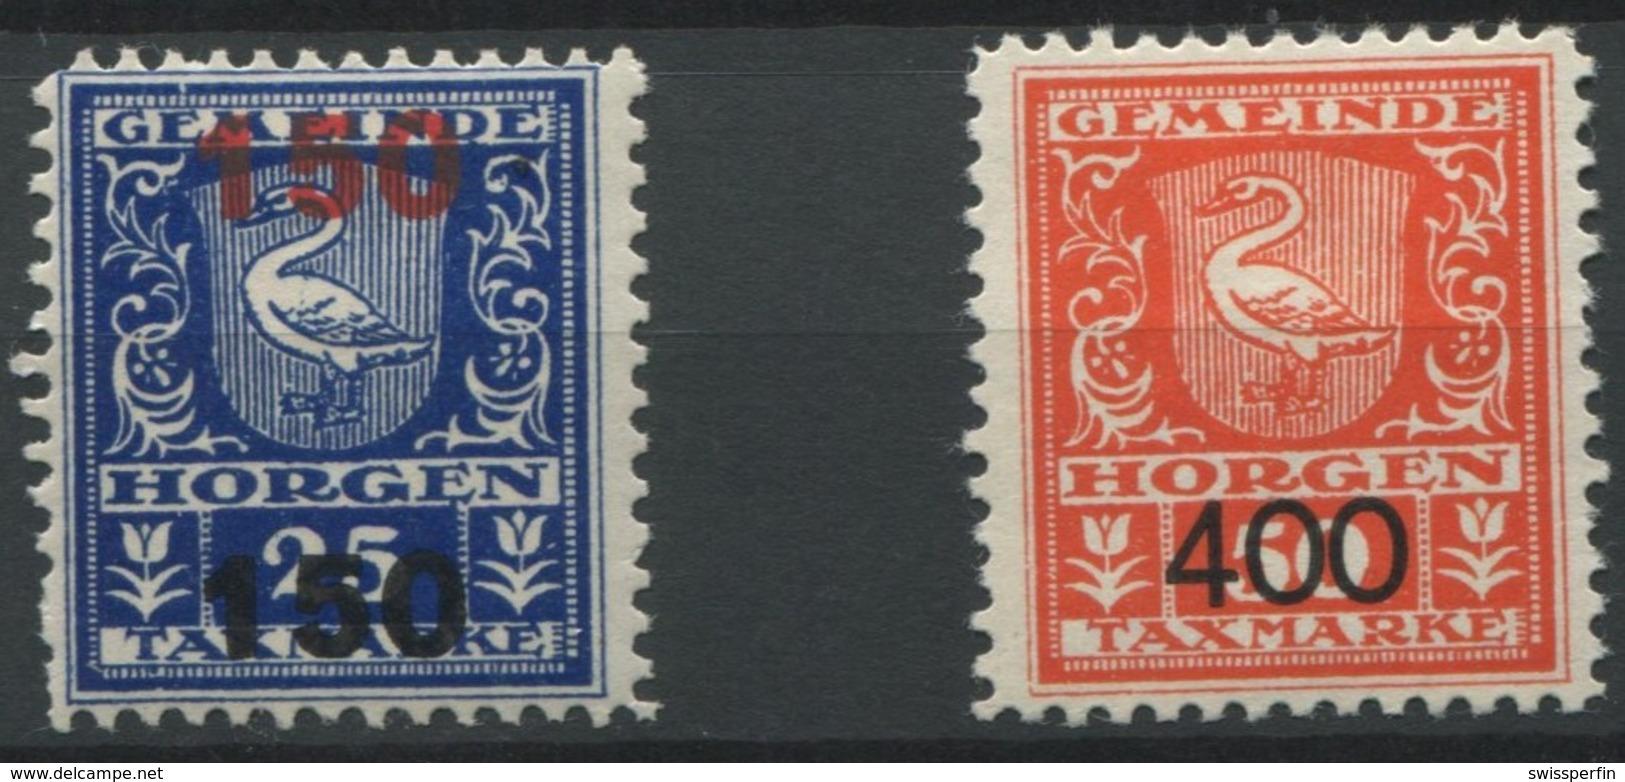 1558 - HORGEN - Fiskalmarken - Steuermarken